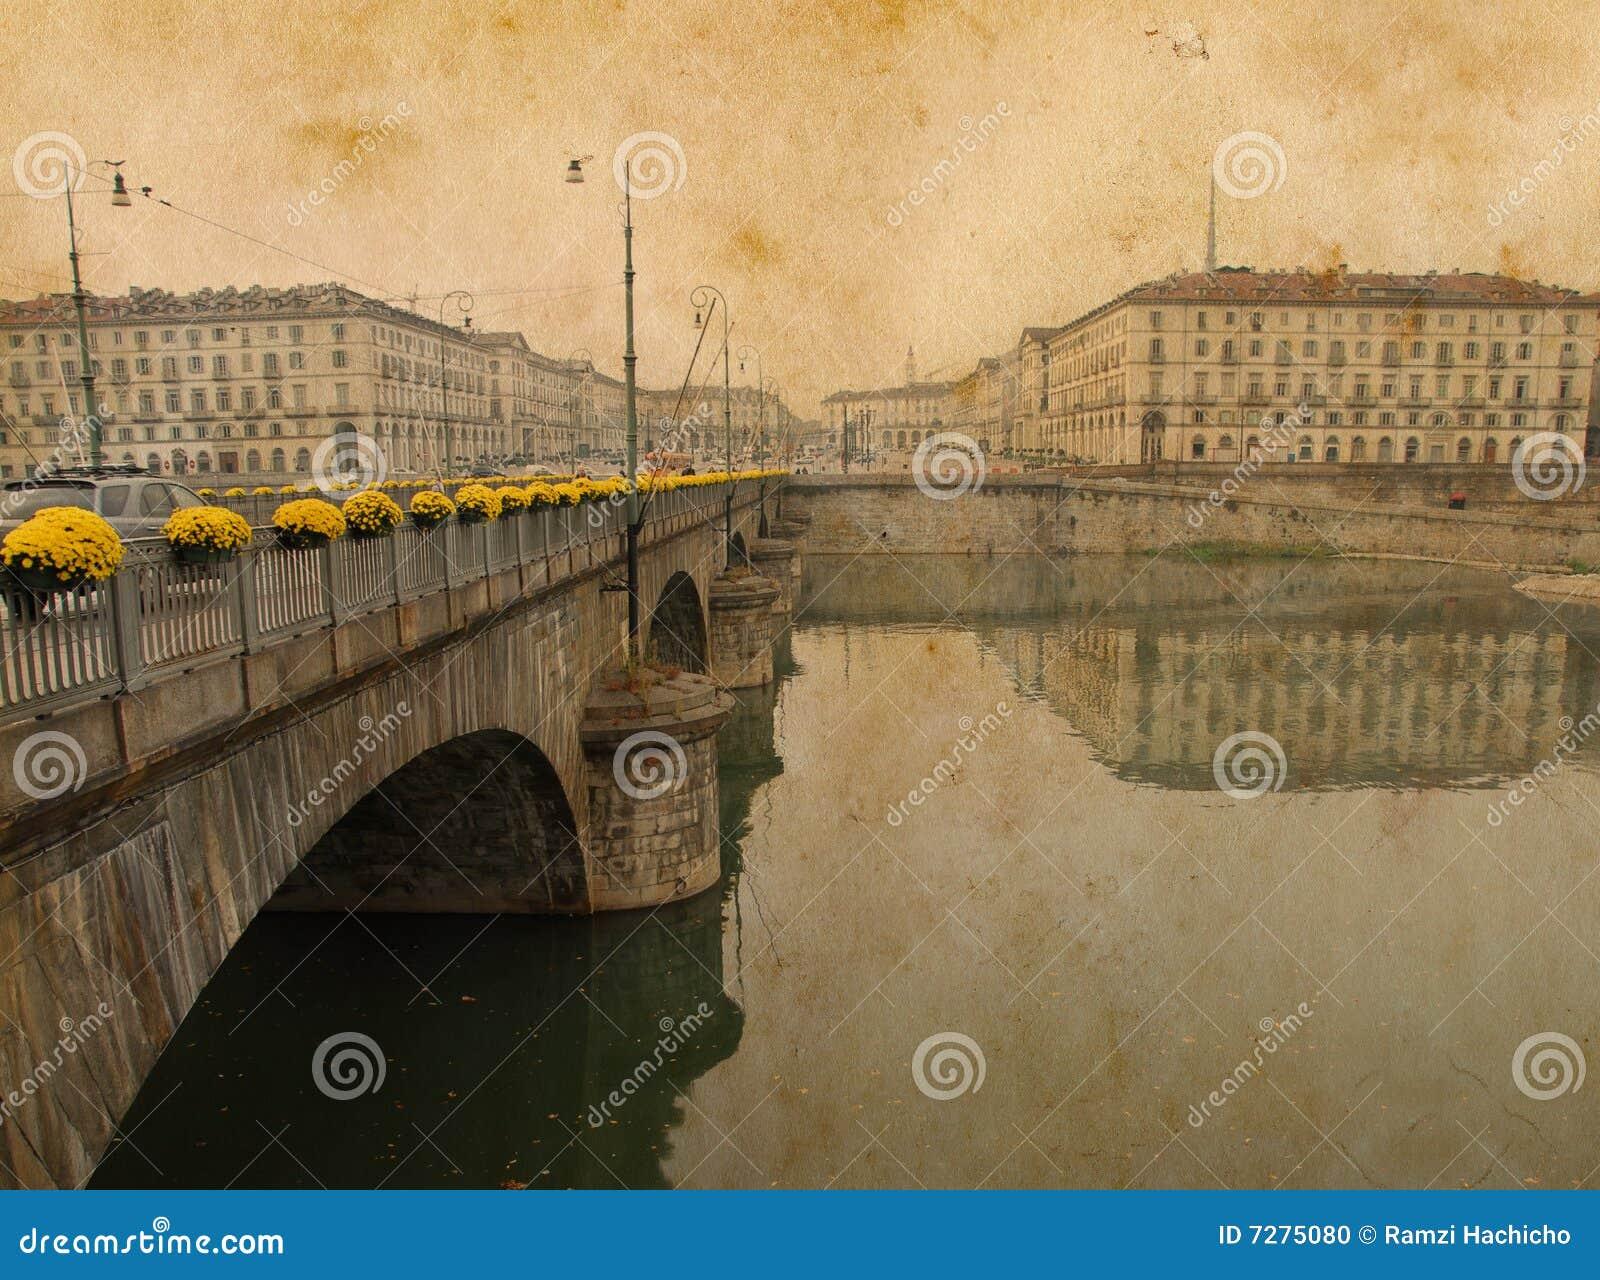 El puente entonado de la vendimia lleva a una plaza en Italia